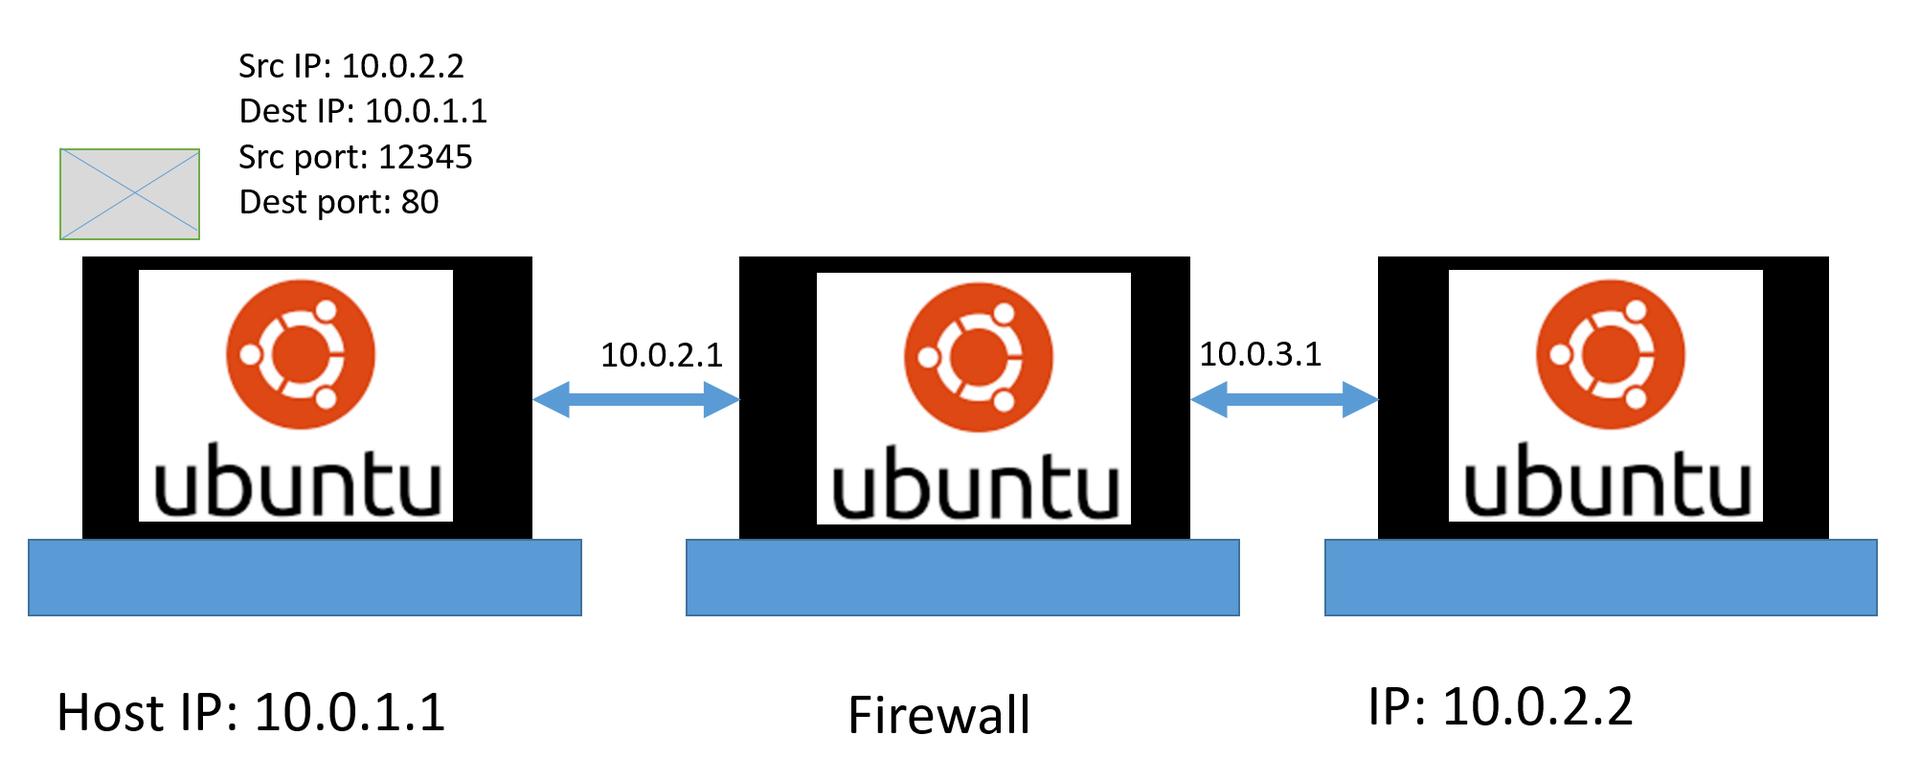 Создание и тестирование Firewall в Linux, Часть 2.1. Введение во вторую часть. Смотрим на сеть и протоколы. Wireshark - 4